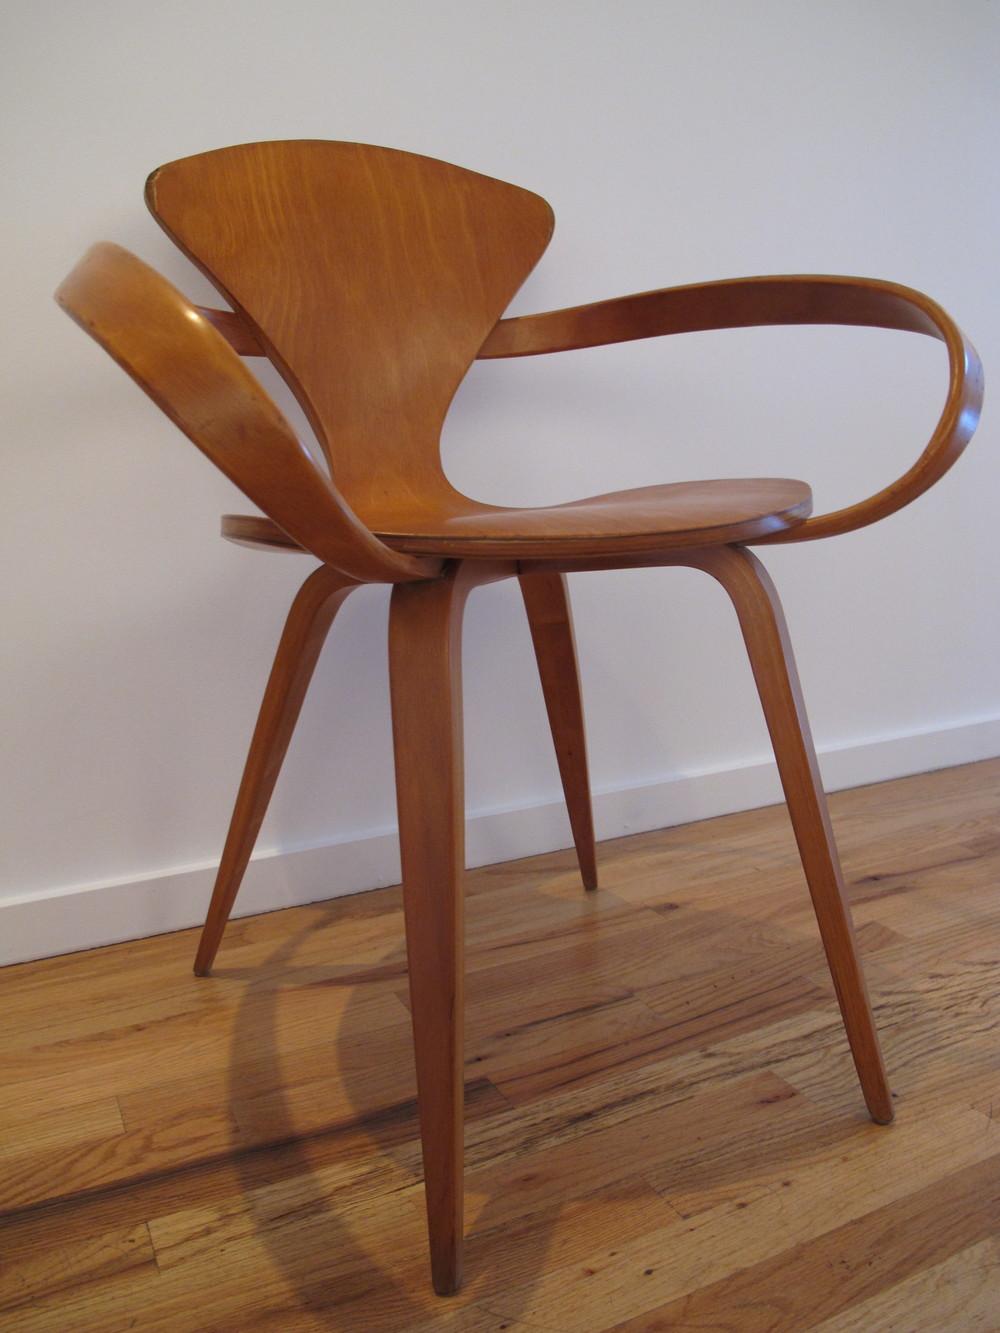 Plycraft Pretzel Chair By Norman Cherner